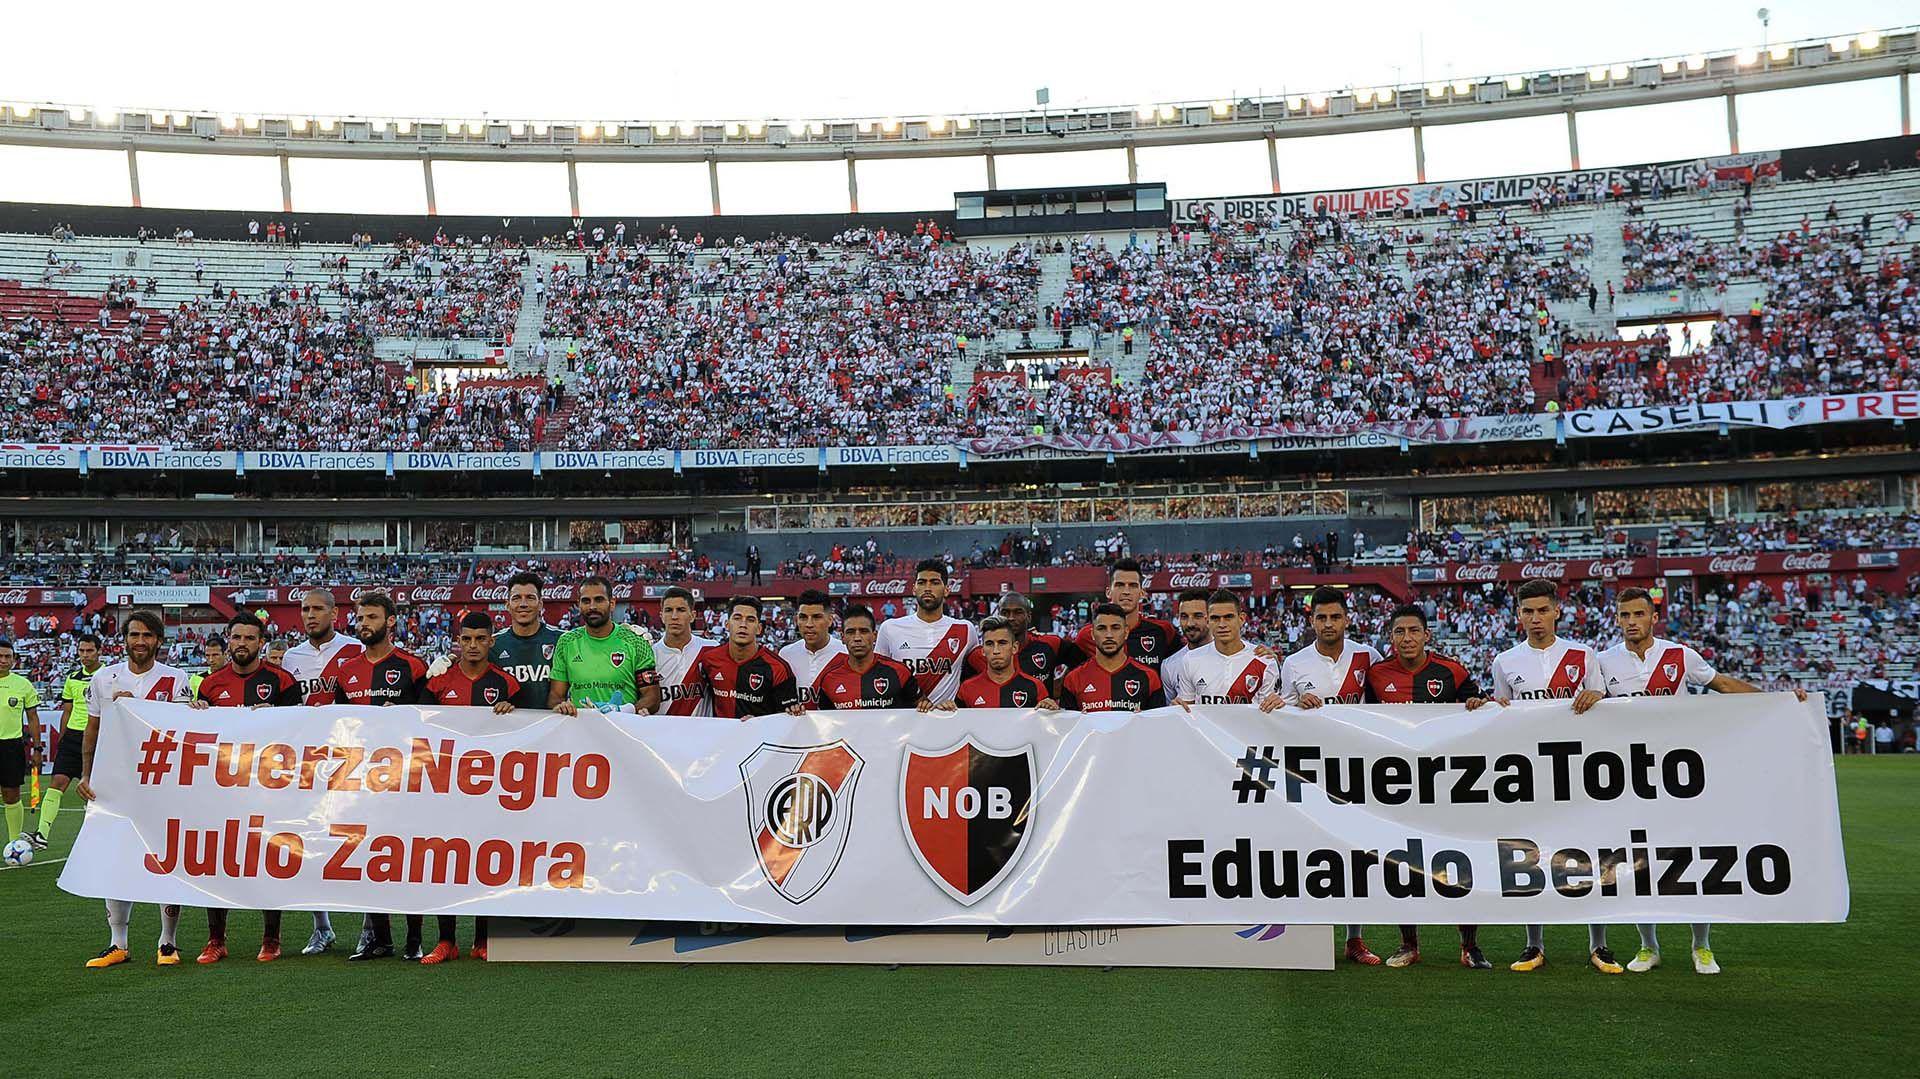 Buenos Aires: En la previa al encuentro entre River y Newell's, ambos equipos se mostraron con una bandera en apoyo a los ex-jugadores Julio Zamora y Eduardo Berizzo. Foto: Alejandro Santa Cruz/Télam/CF 26/11/2017